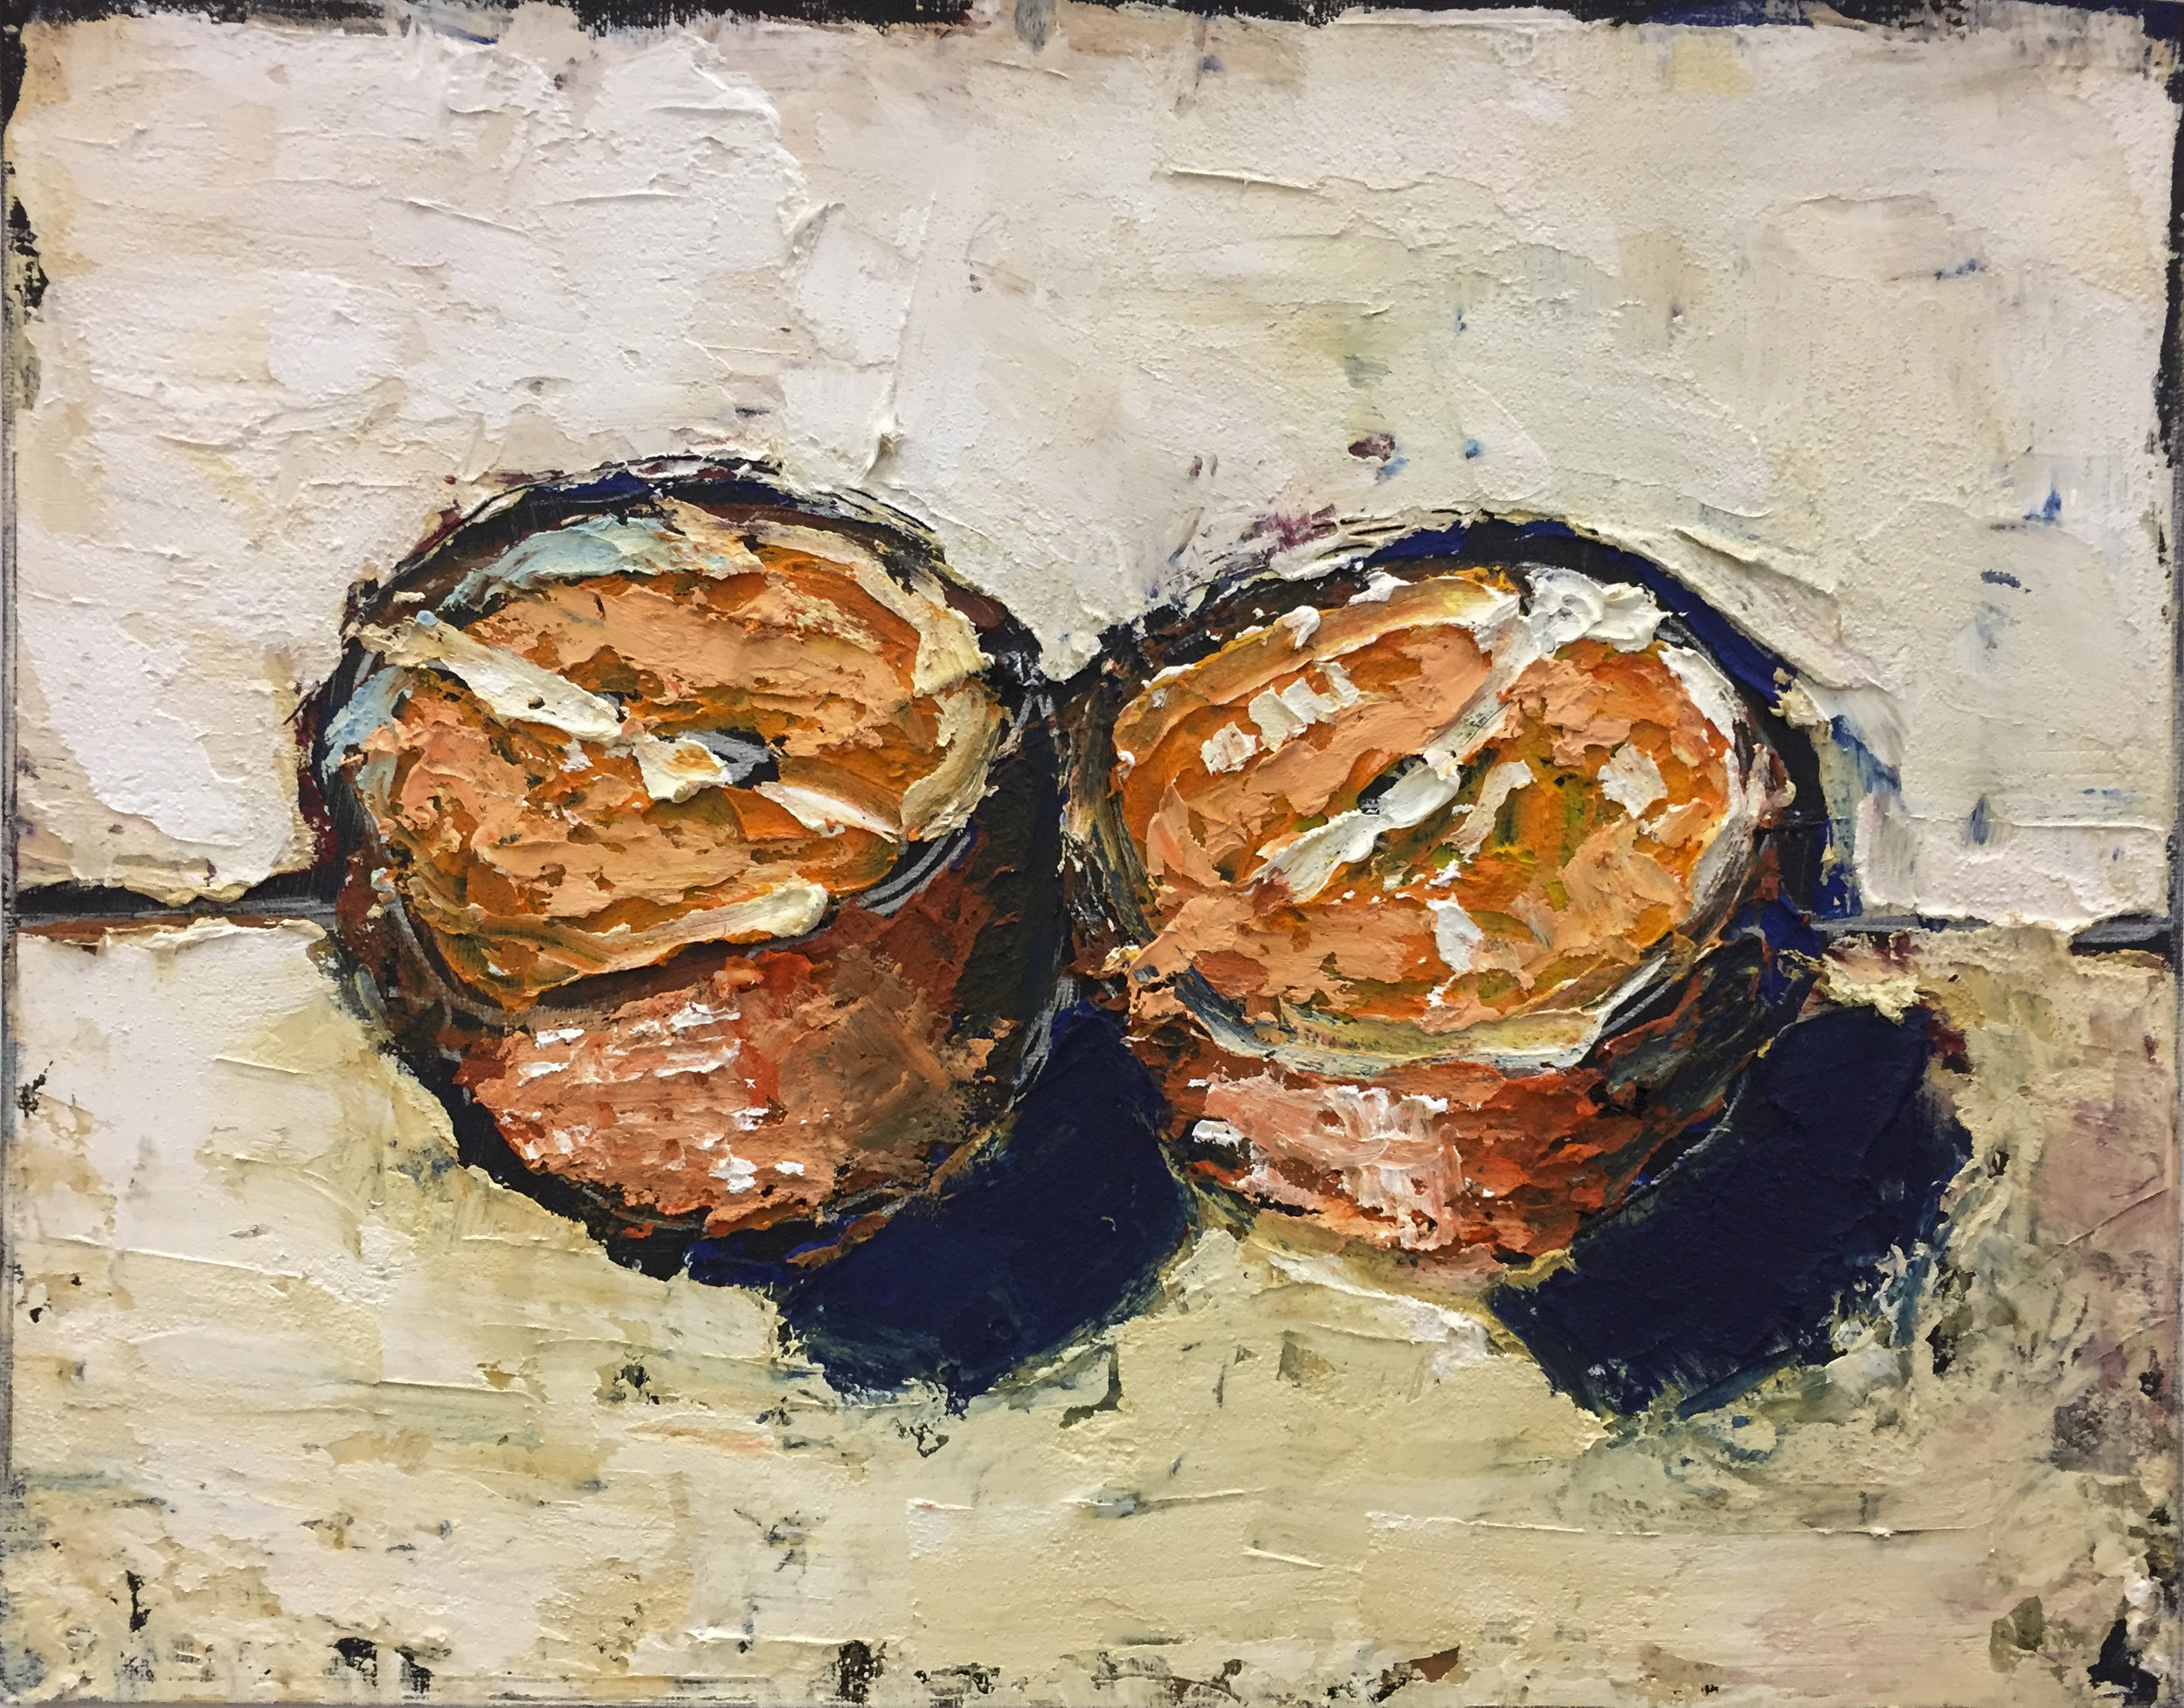 orange halves; oil / cold wax medium on panel (11x14)